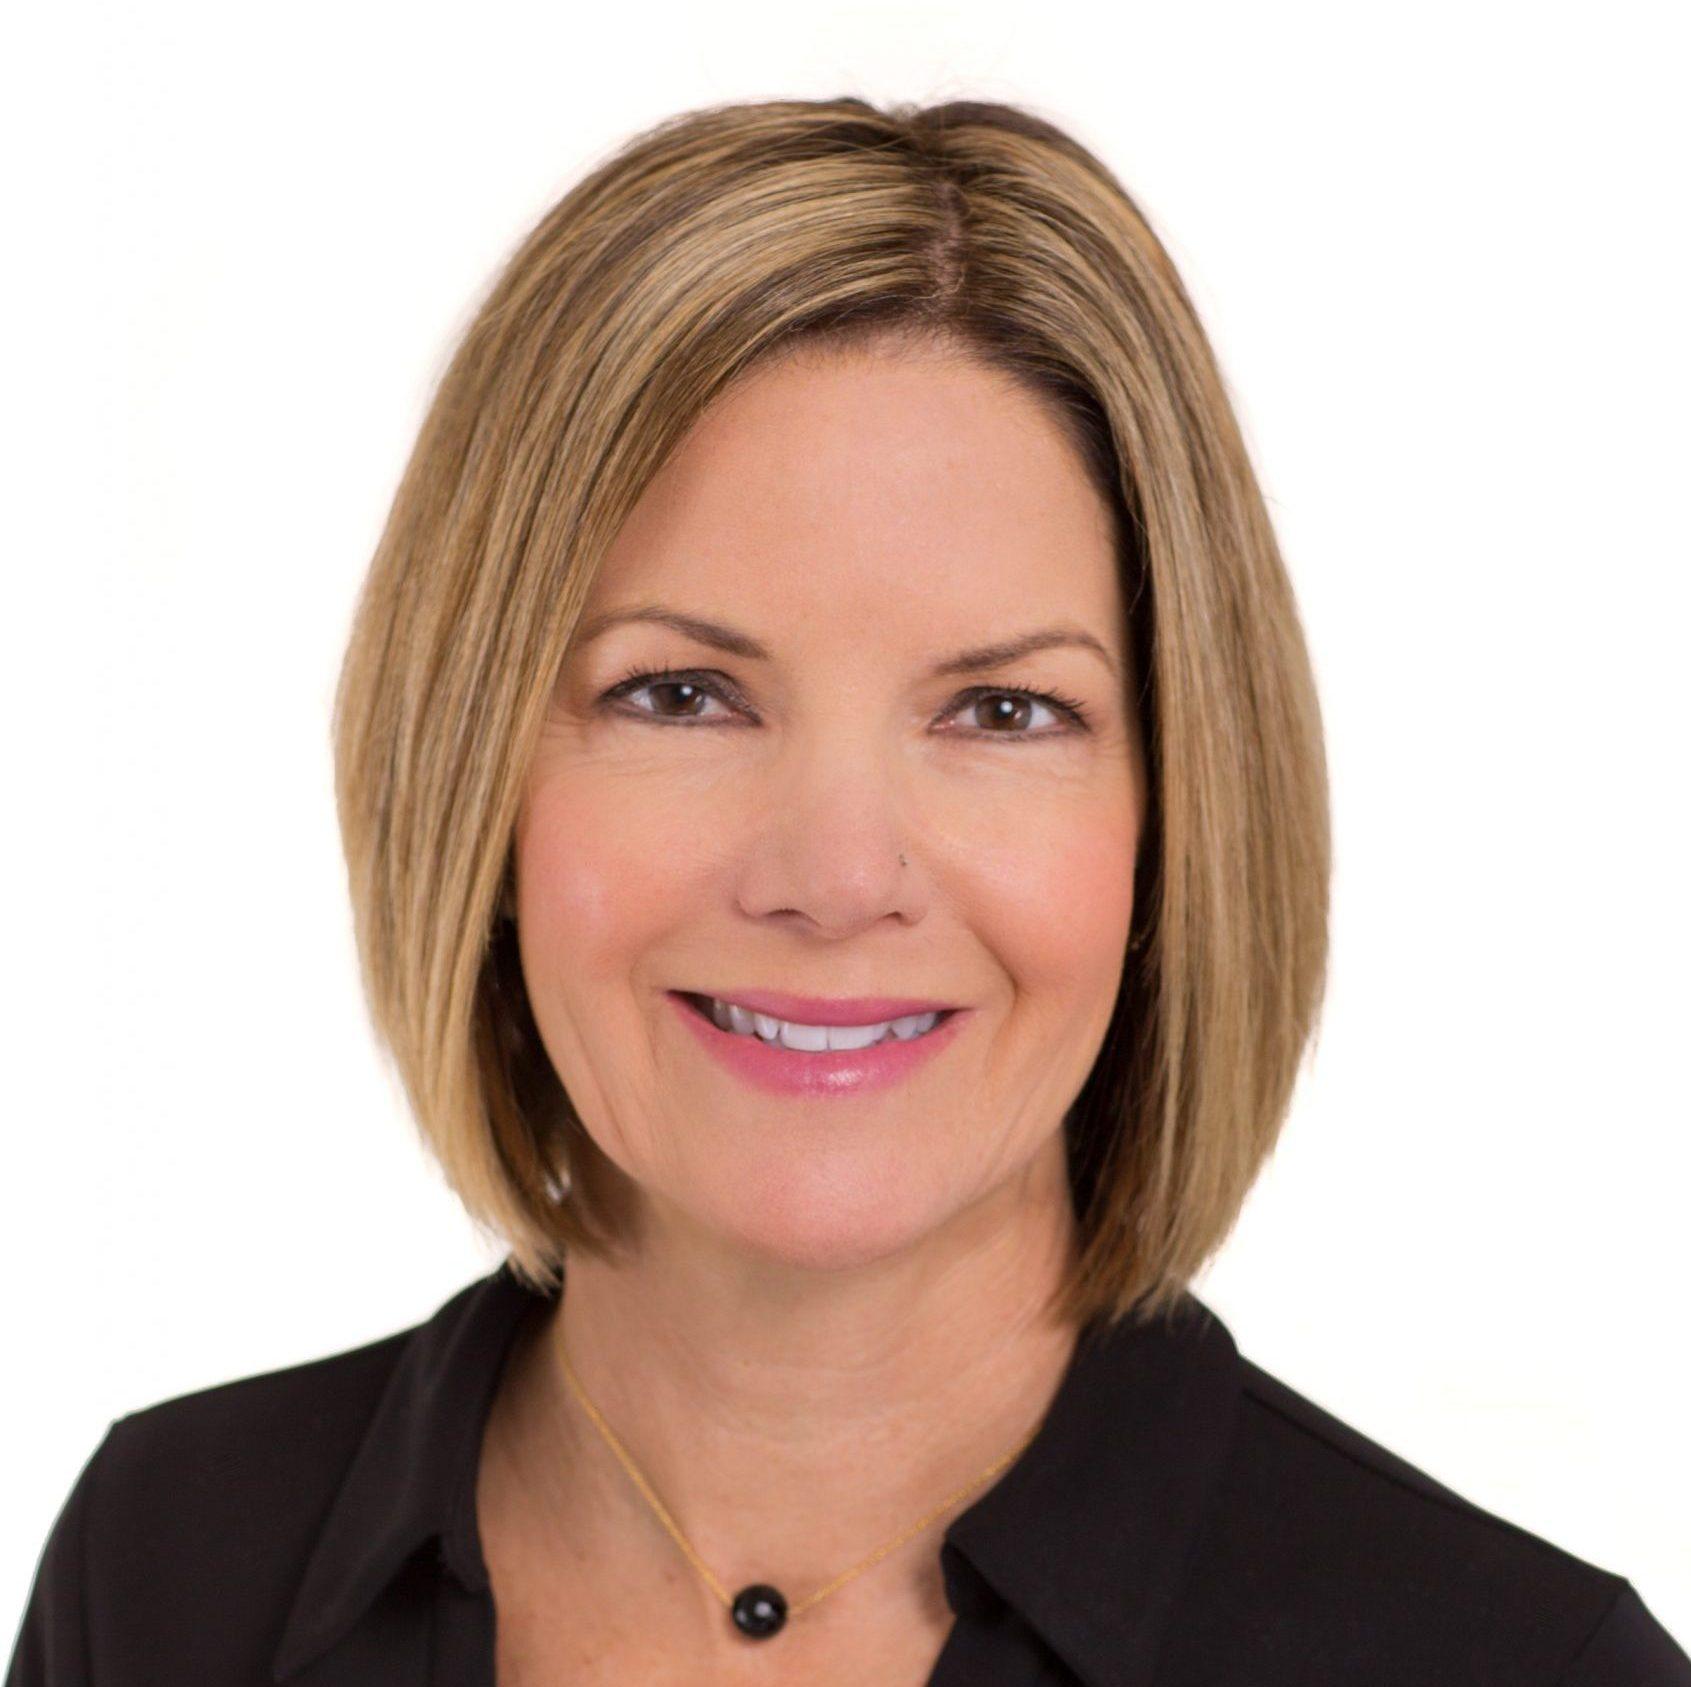 Paula M. Pogue